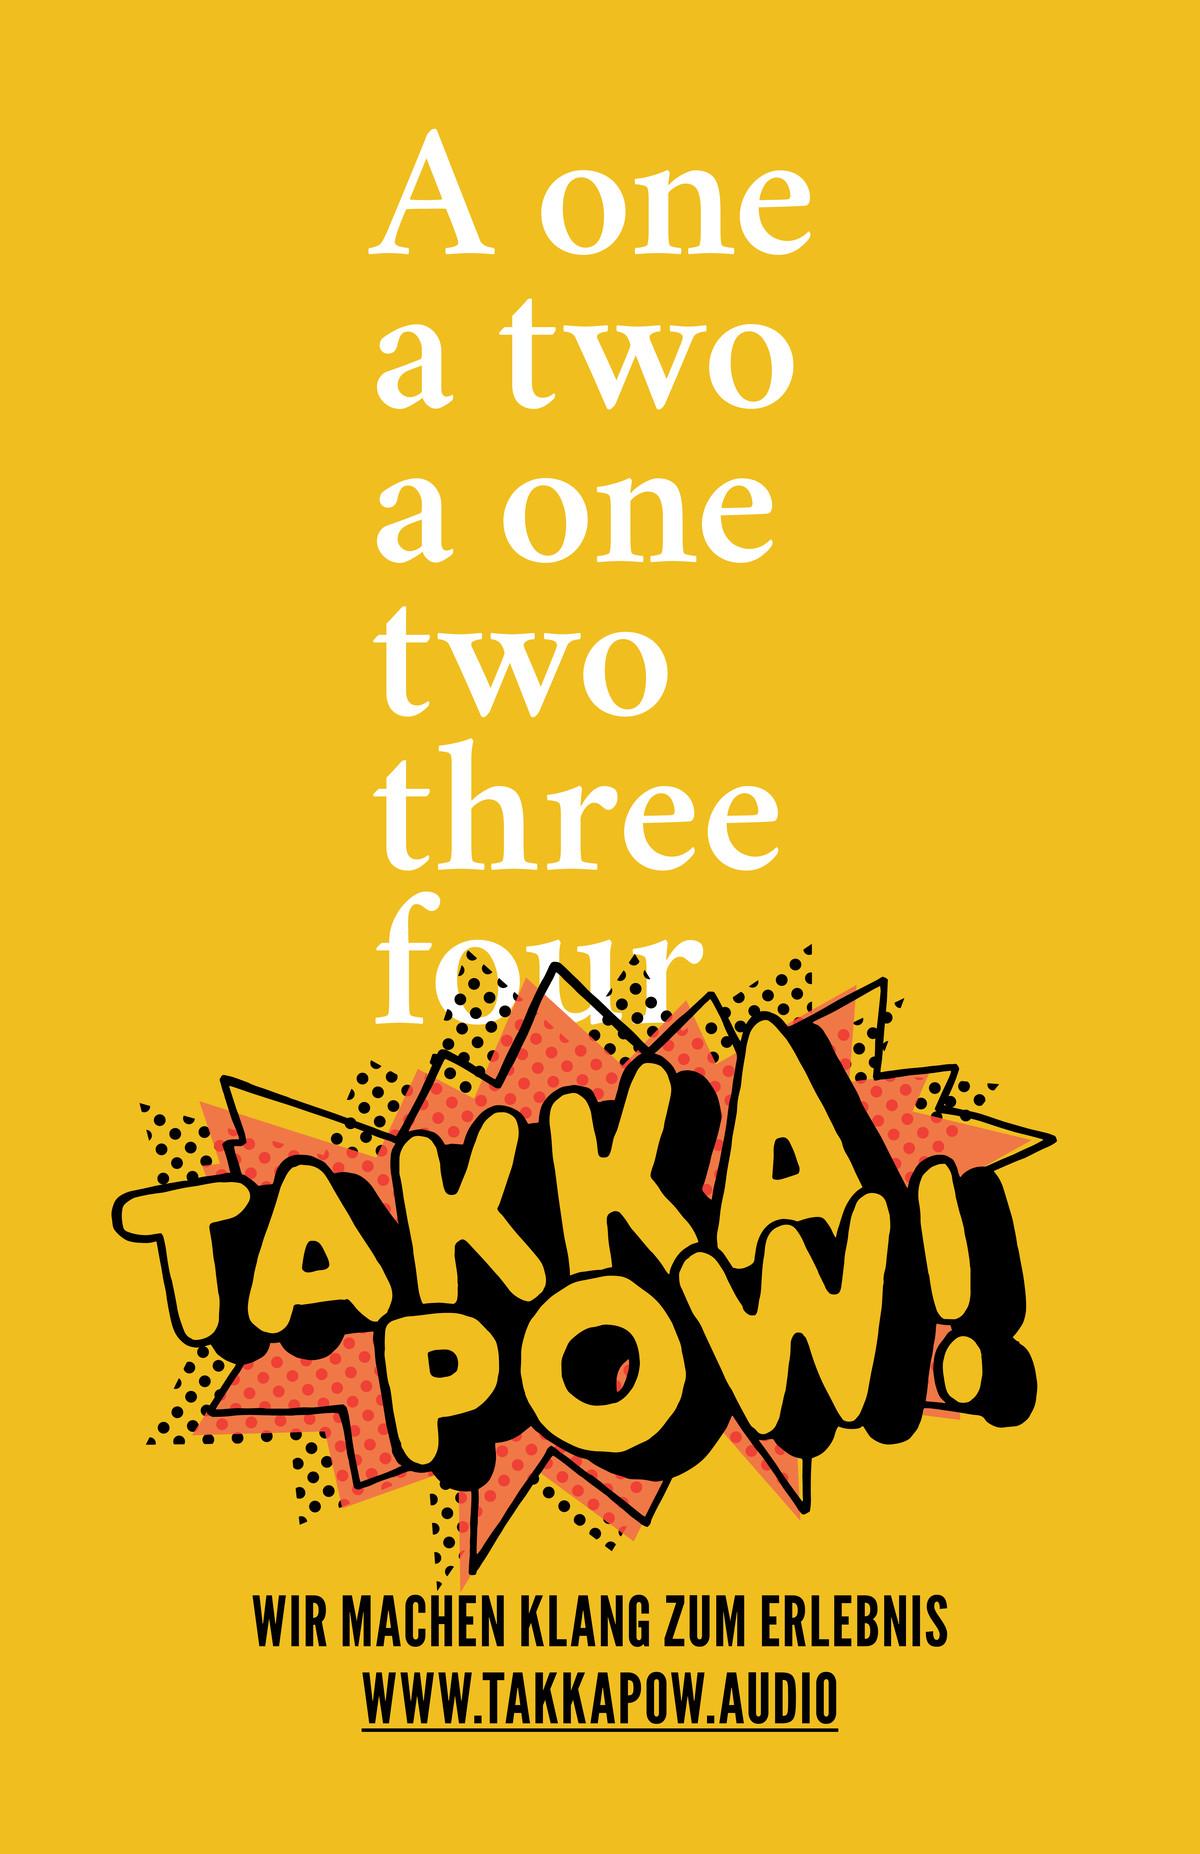 takkapow-text-05.jpg